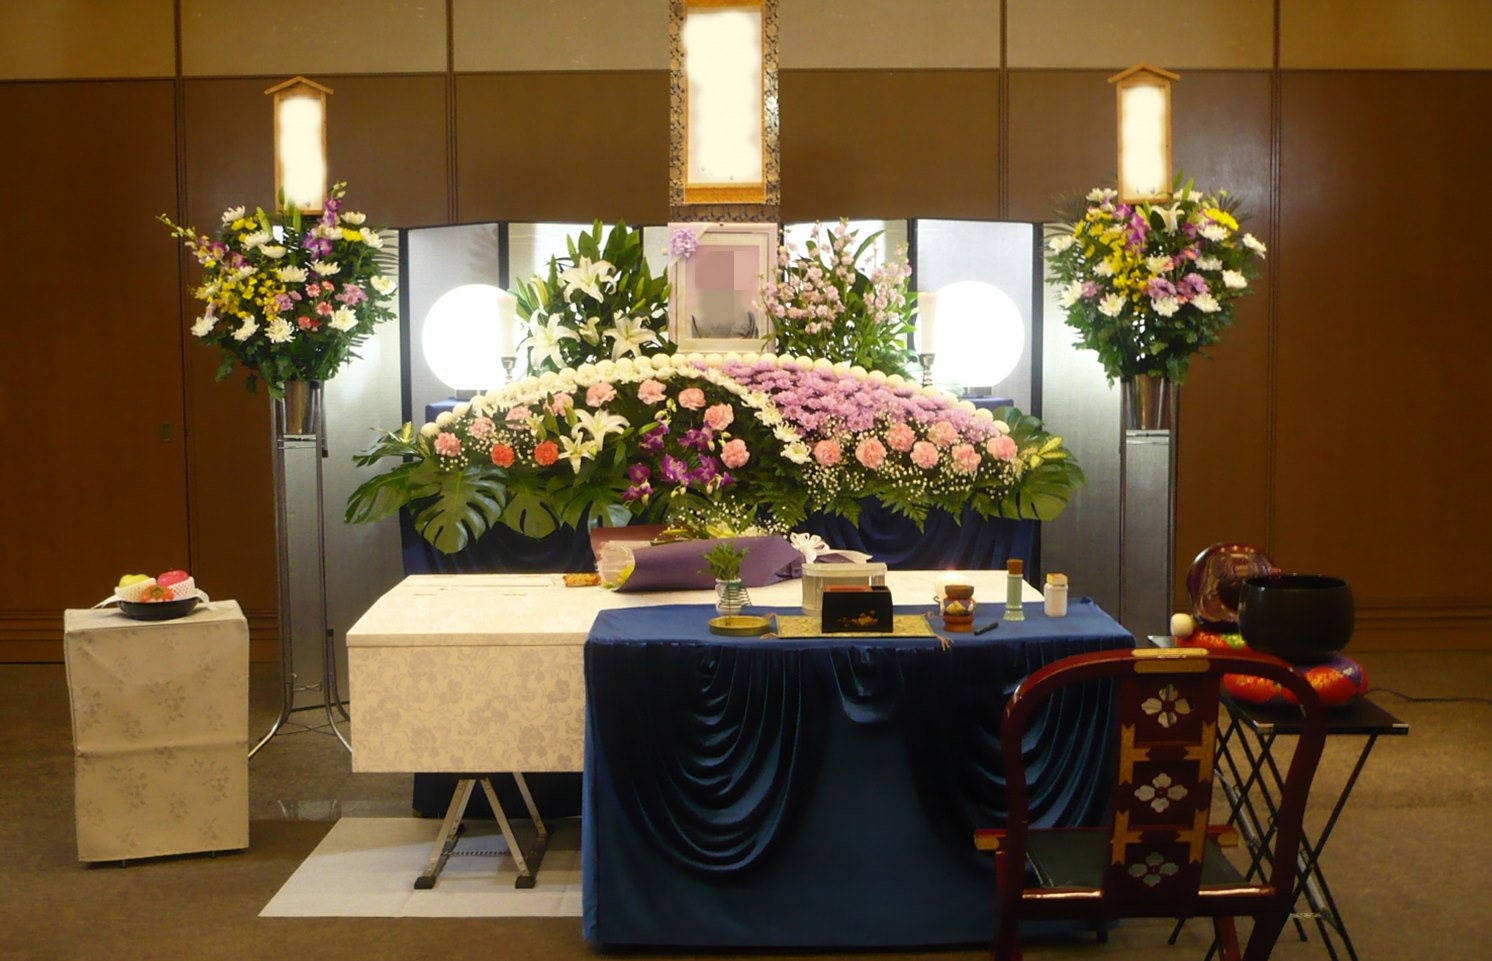 北斎場 中式場 祭壇例2